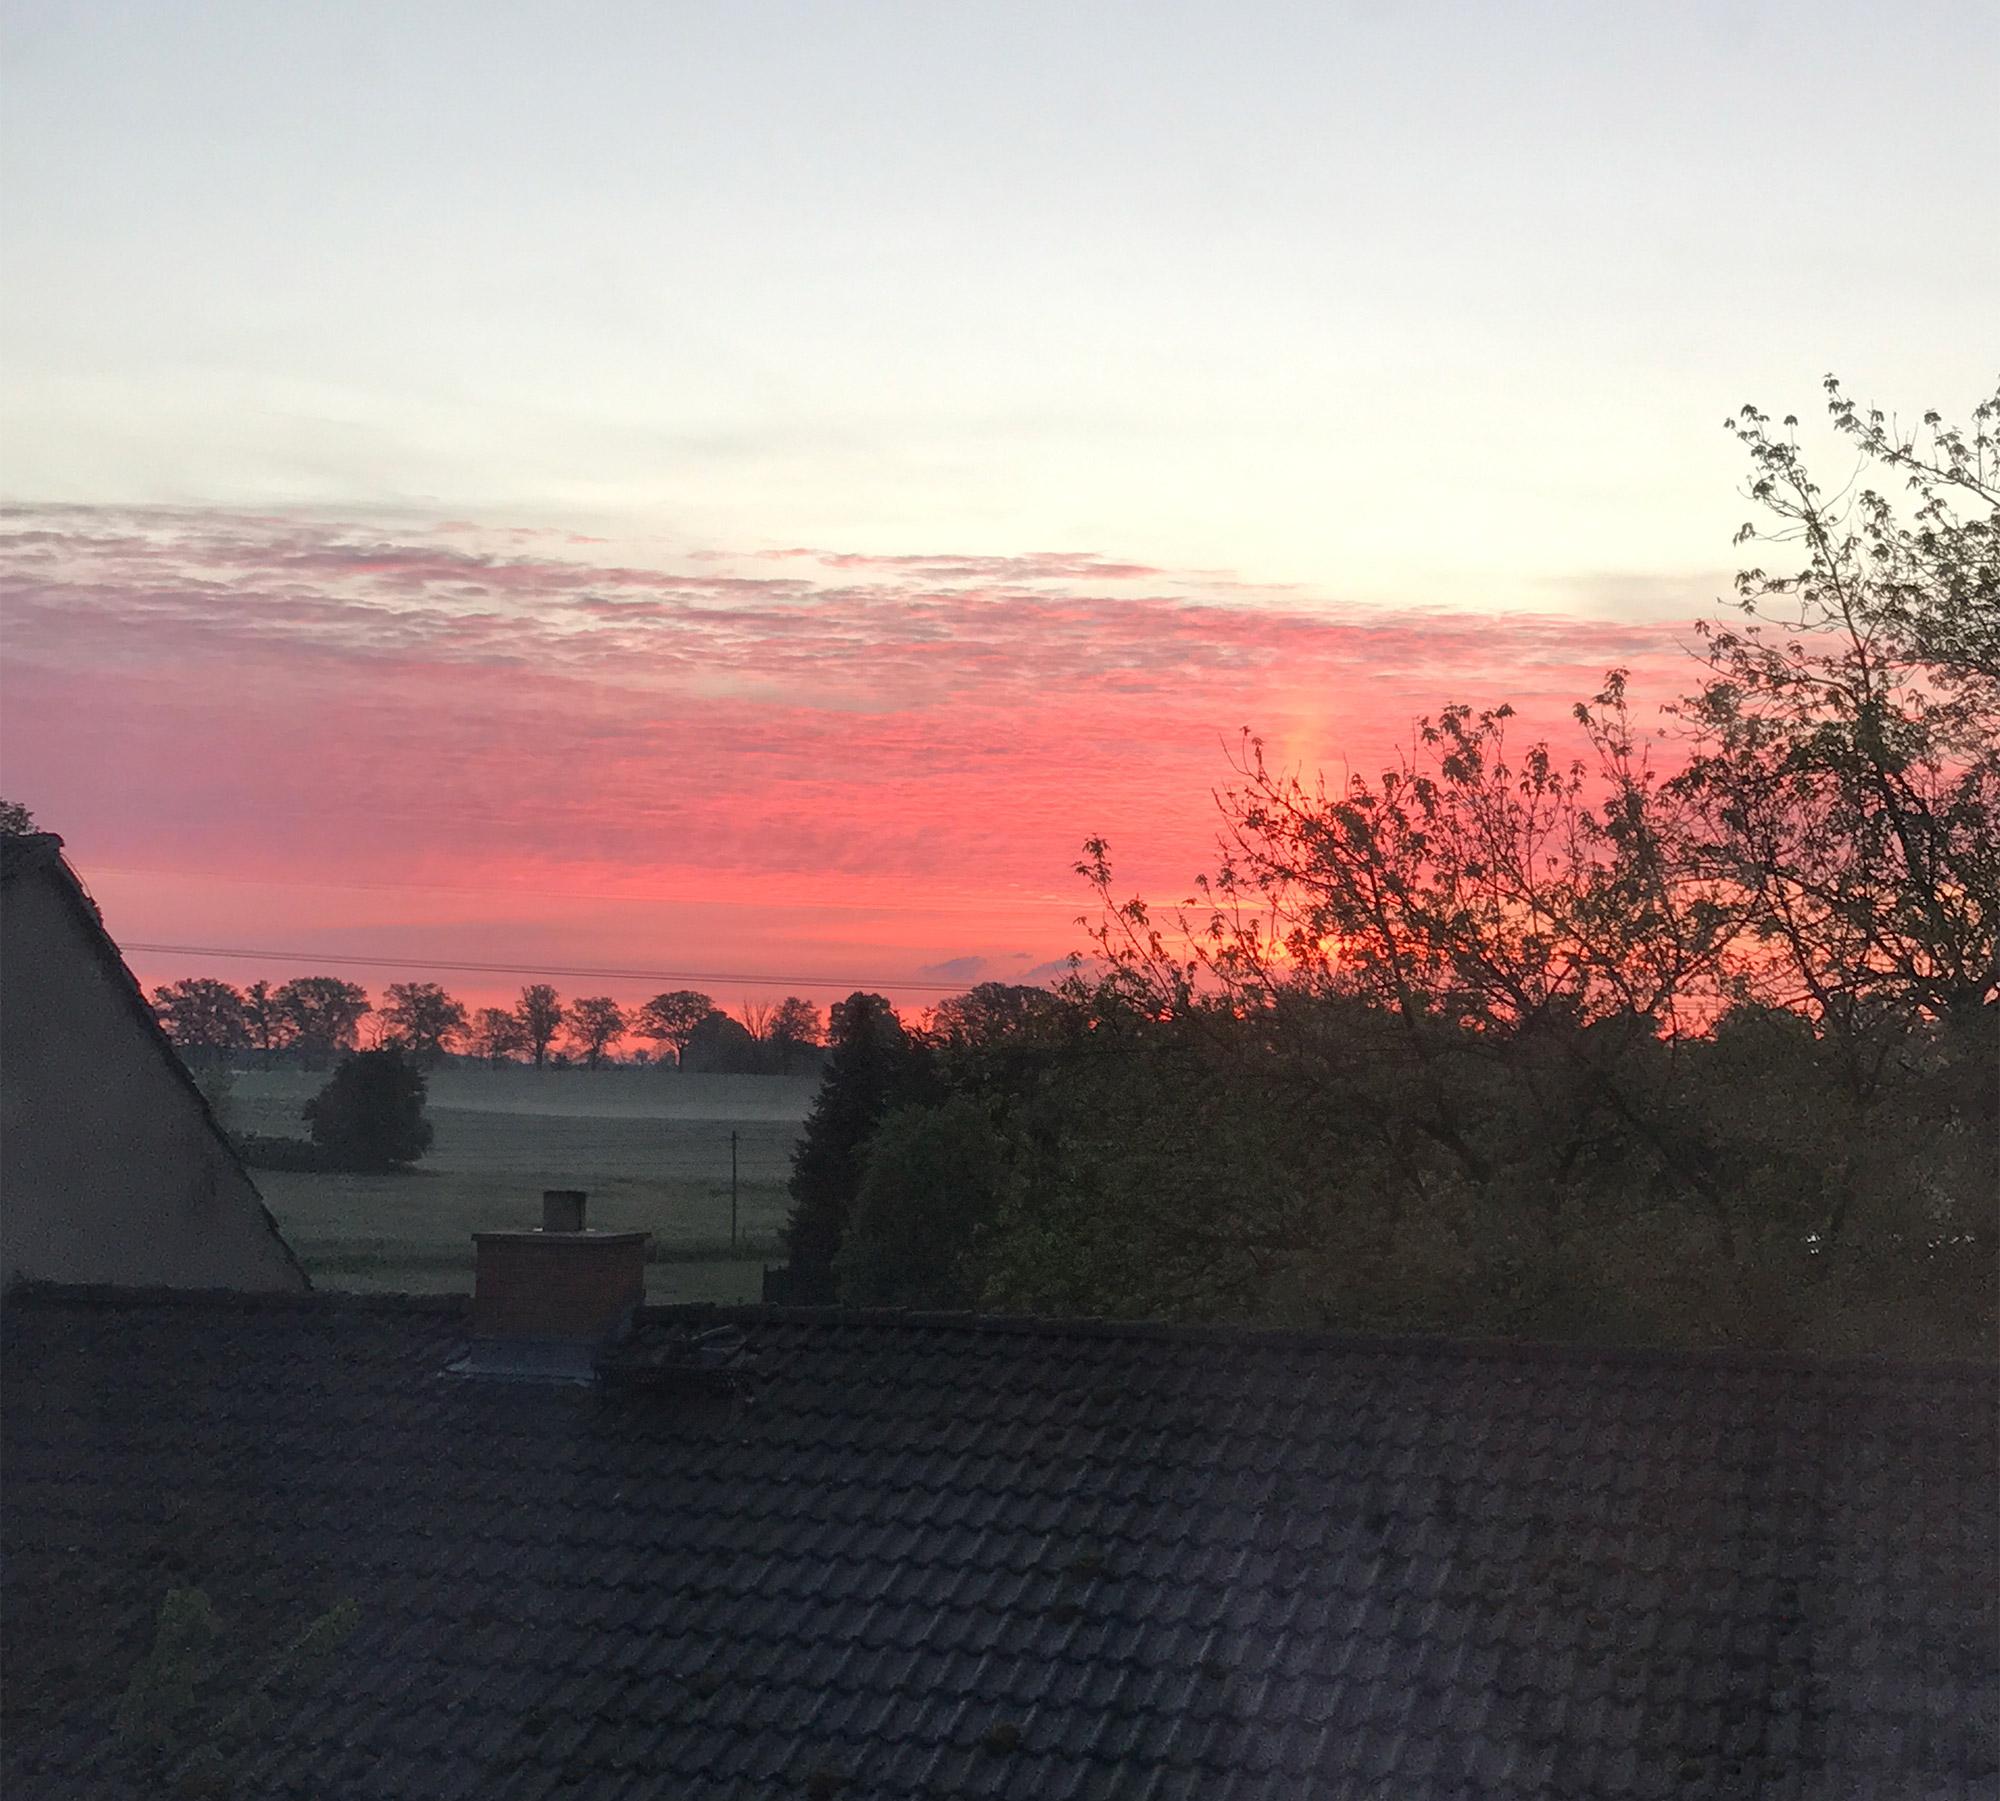 Einen atemberaubenden Sonnenaufgang genießen